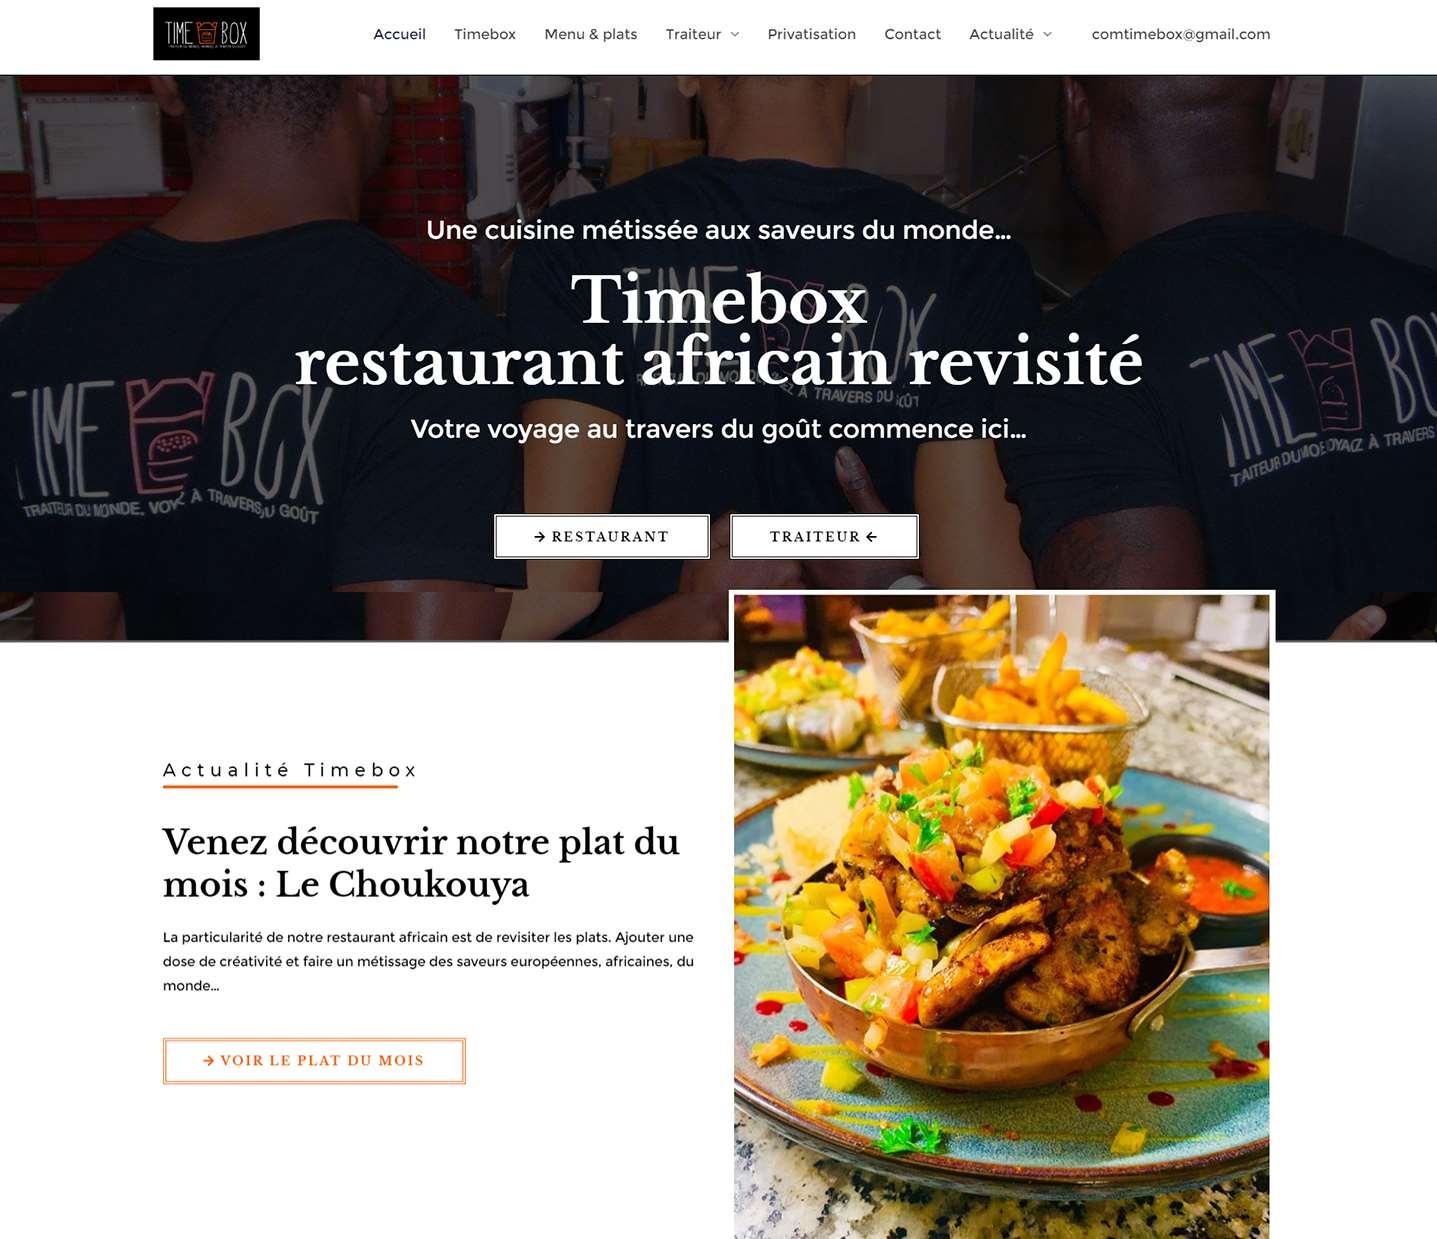 Restaurant-timebox-à-nantes-site-internet-fait-par-lovinsky-webdesigner-indépendant